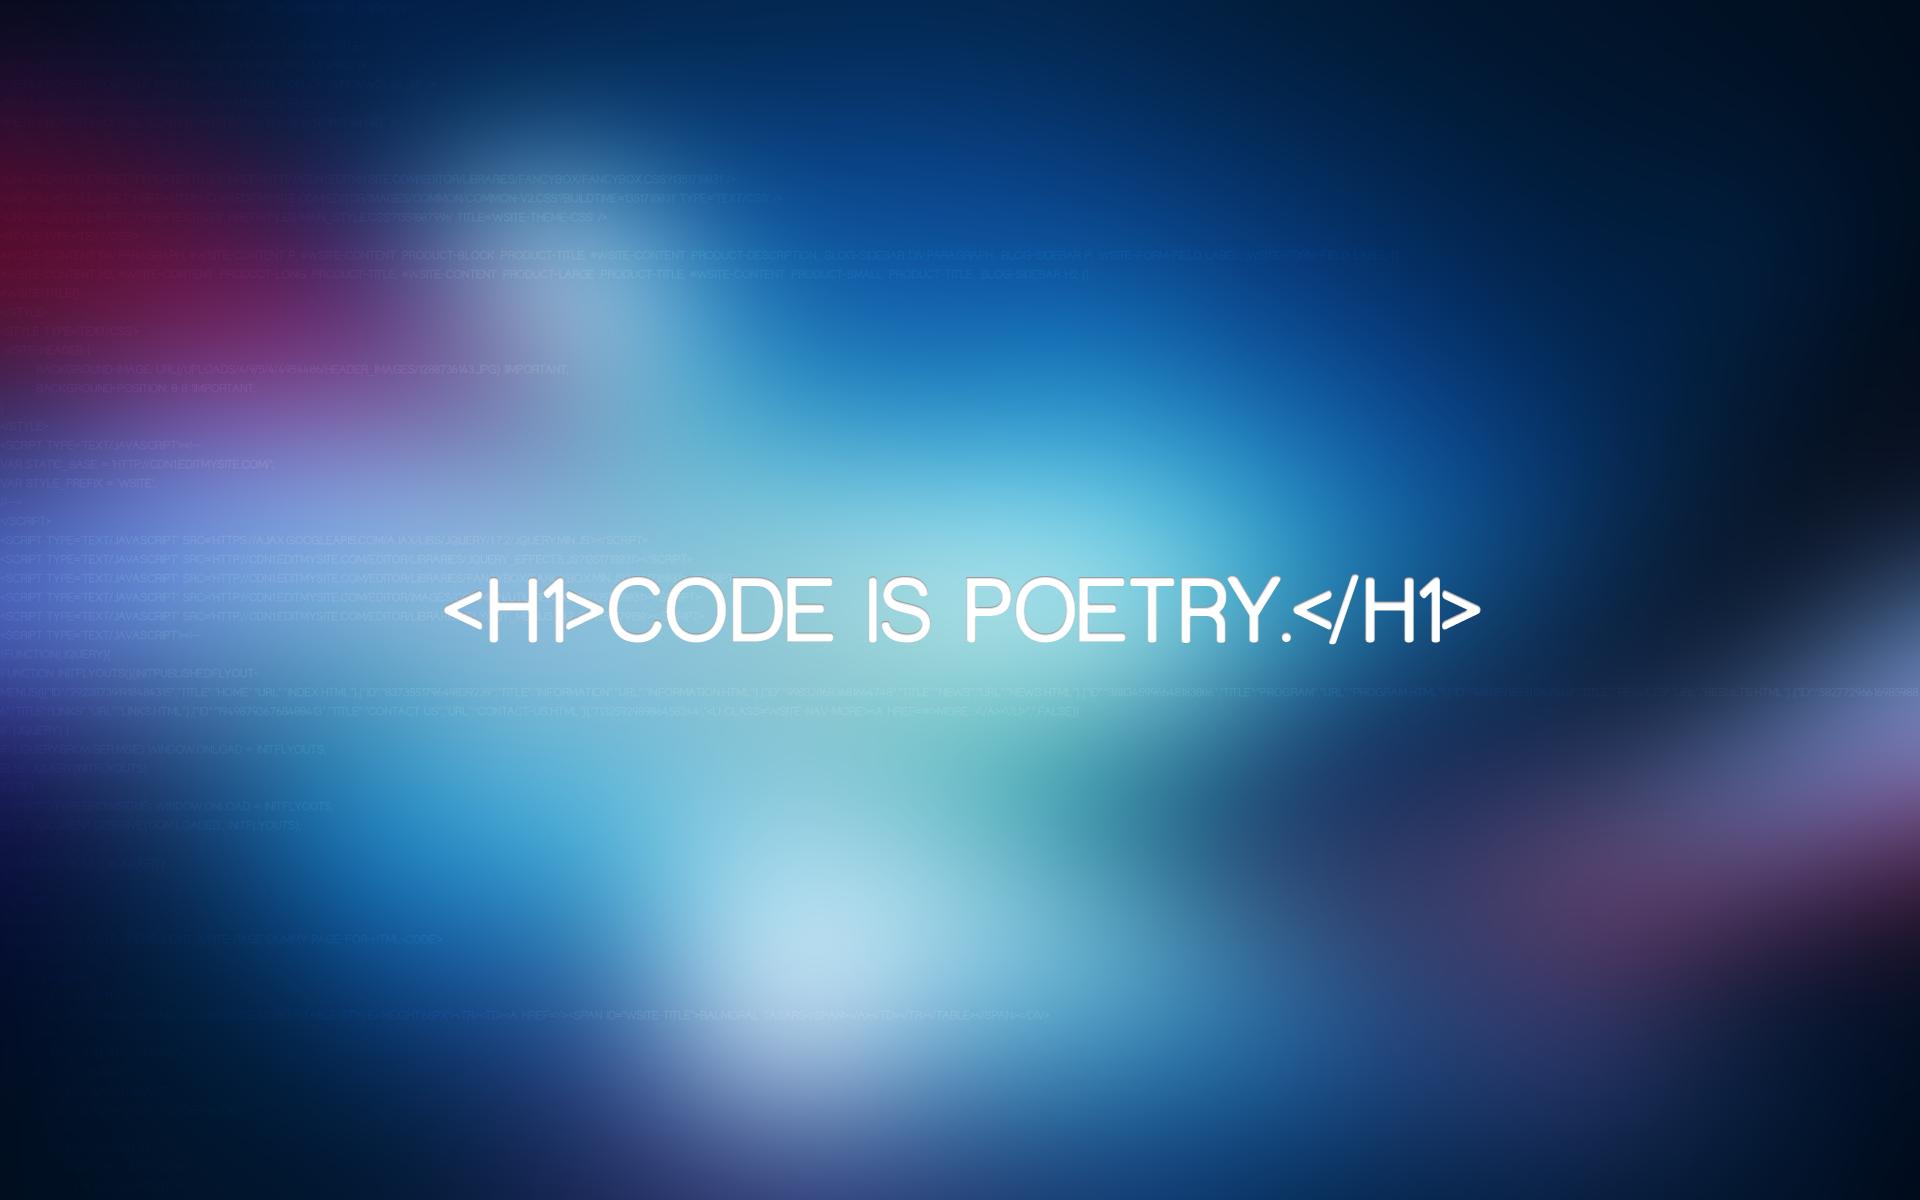 Code Computer Wallpapers Desktop Backgrounds 1920x1200 ID595291 1920x1200